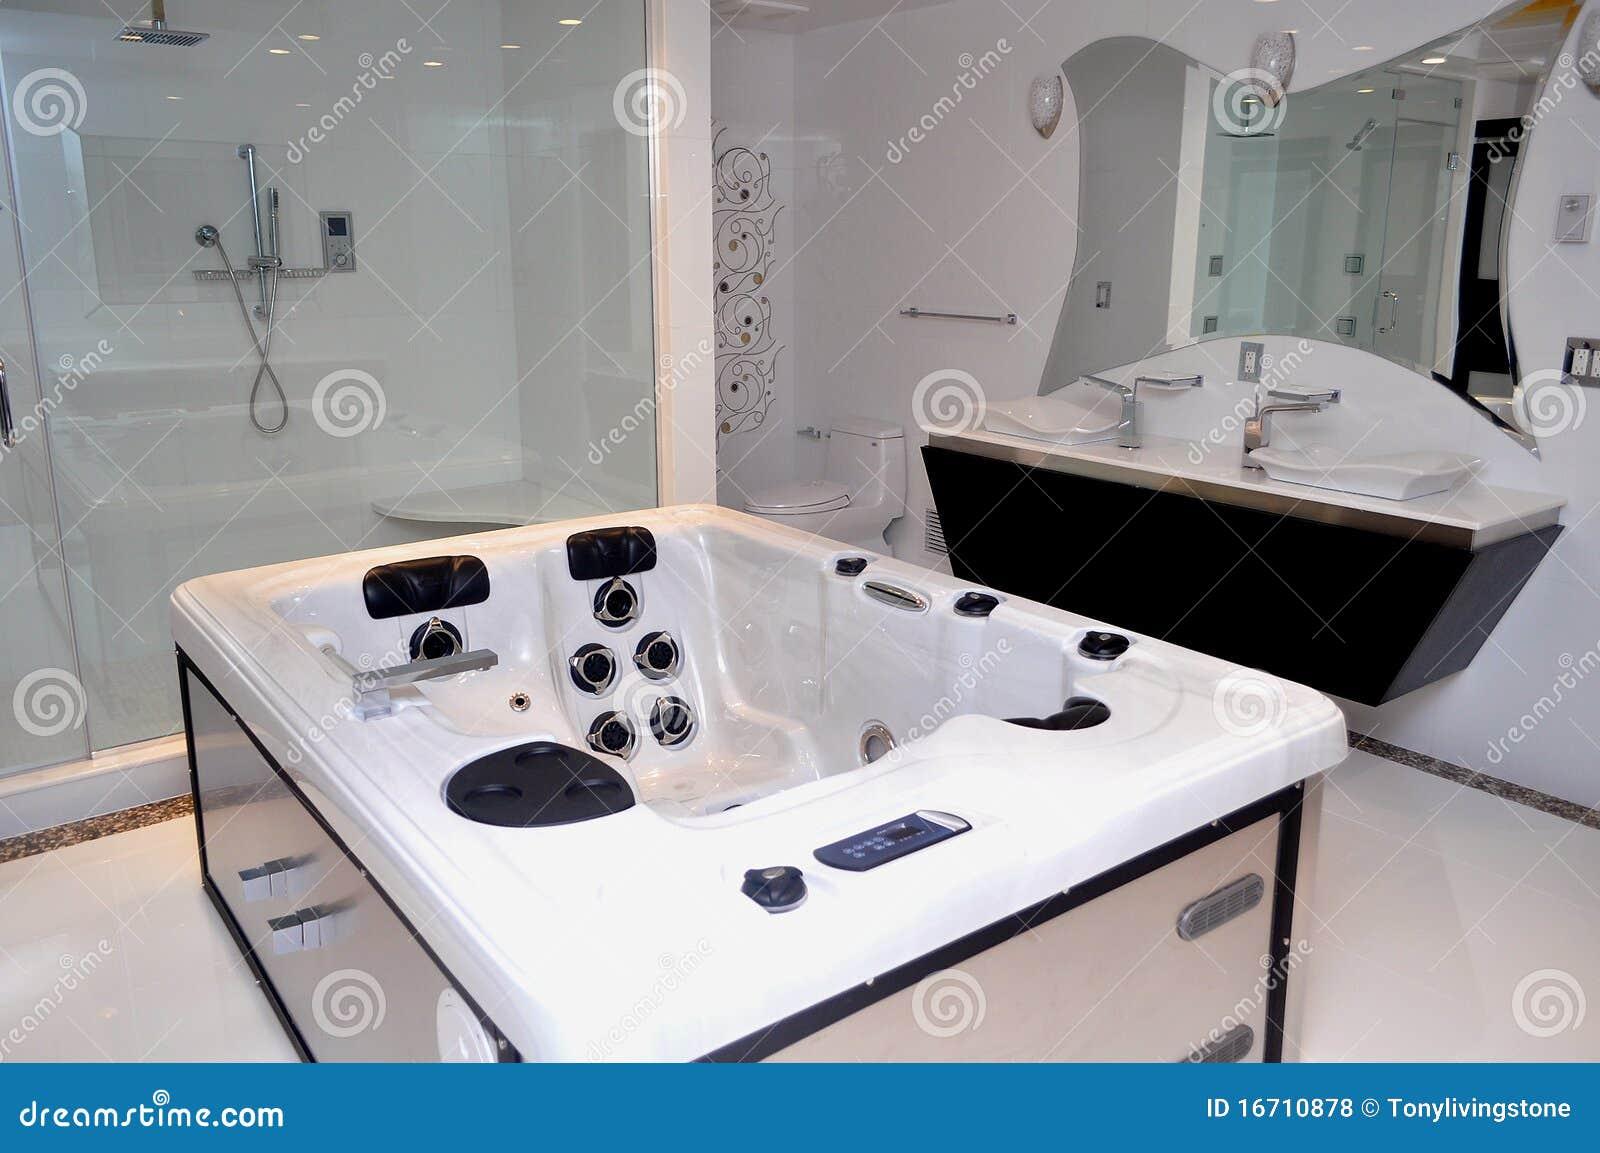 Imagens de #735C4B Banheiro Sofisticado. Fotos de Stock Royalty Free Imagem: 16710878 1300x953 px 3610 Banheiros Sofisticados Fotos